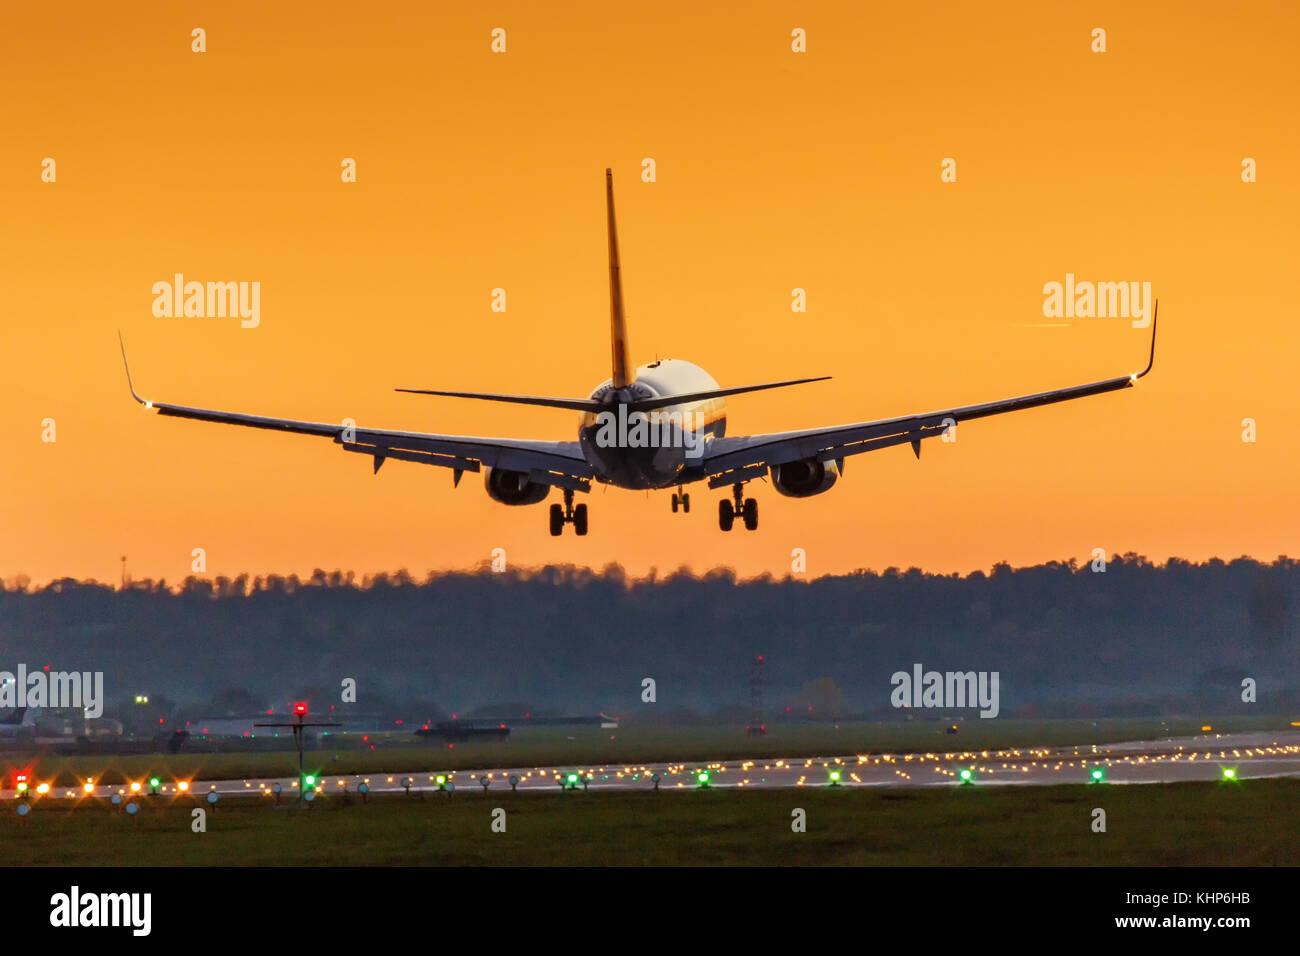 Aterrizaje en avión el aeropuerto de Stuttgart sol del atardecer las vacaciones viajar viajar avión aviones Imagen De Stock